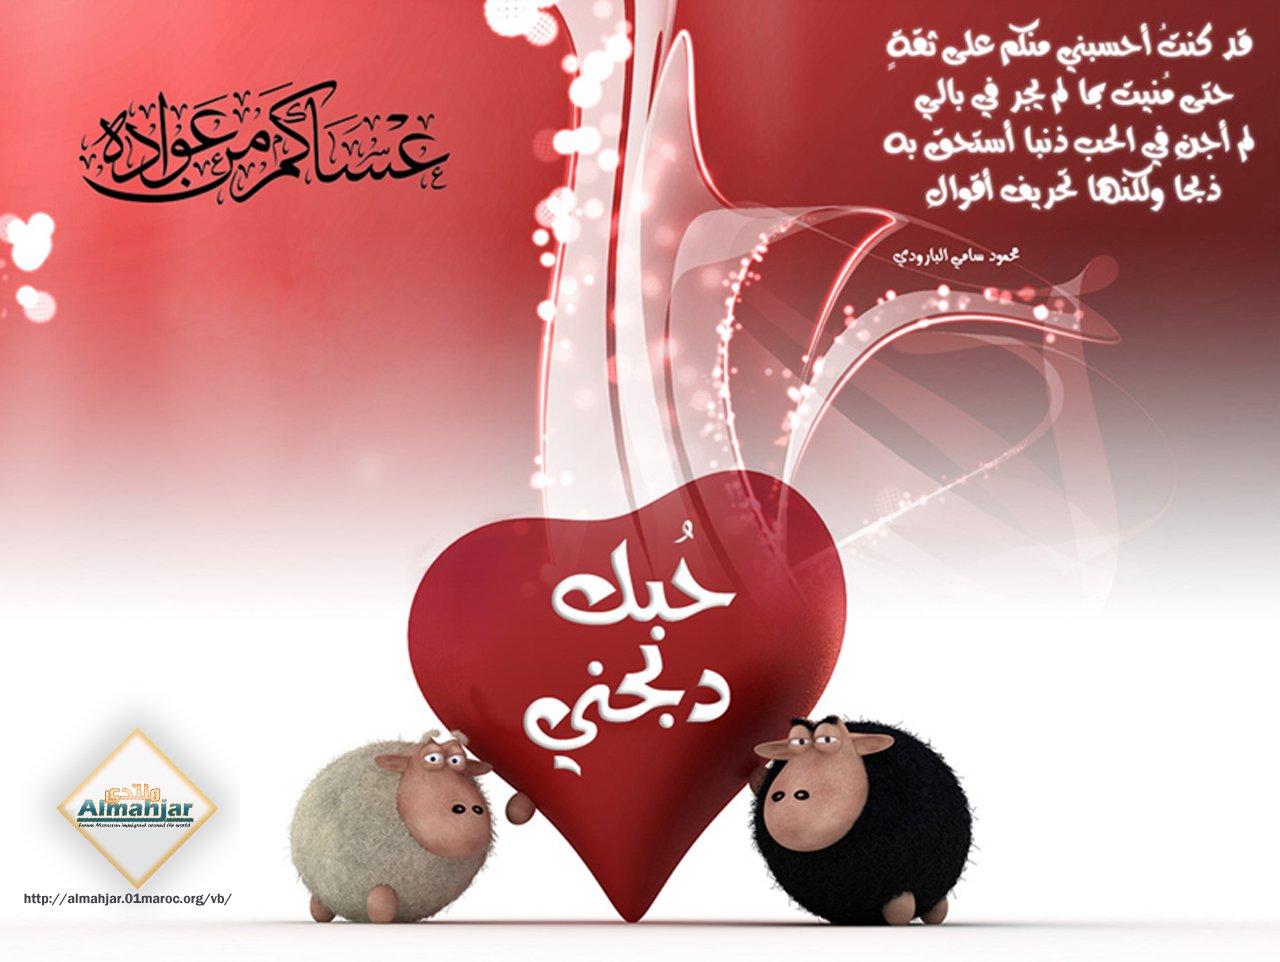 موعد صلاة عيد الاضحي في السعودية 2013